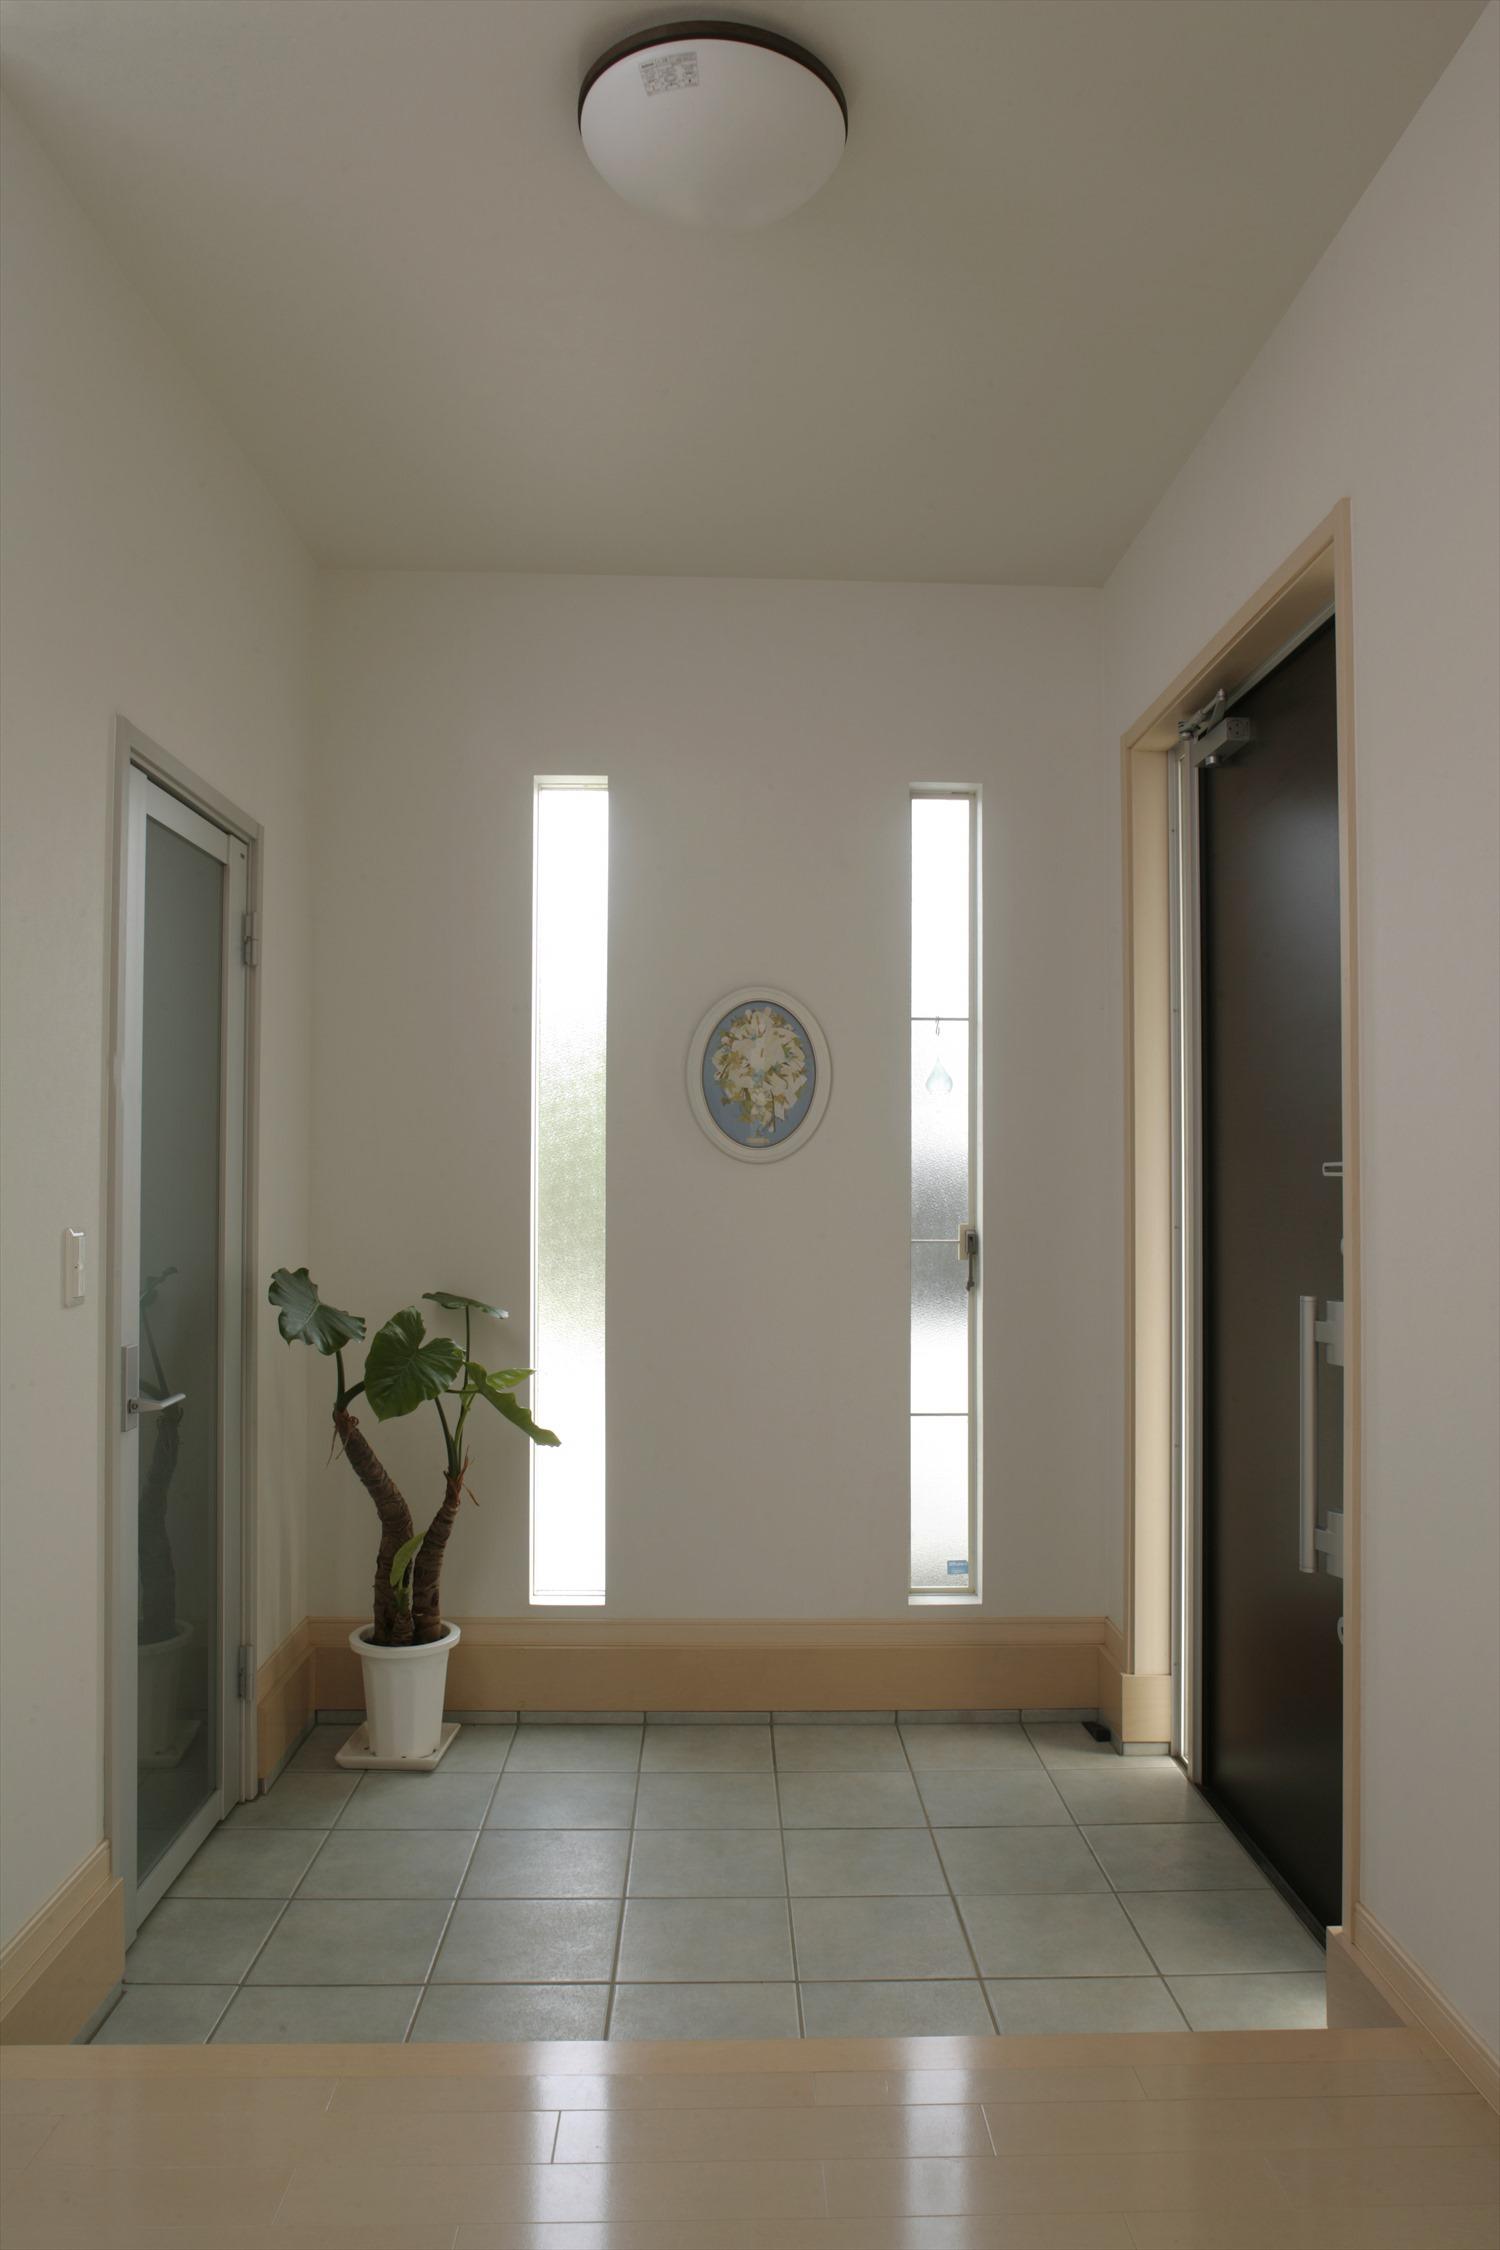 平屋の玄関の事例 縦スリットの窓からの光の取り入れ方が絶妙